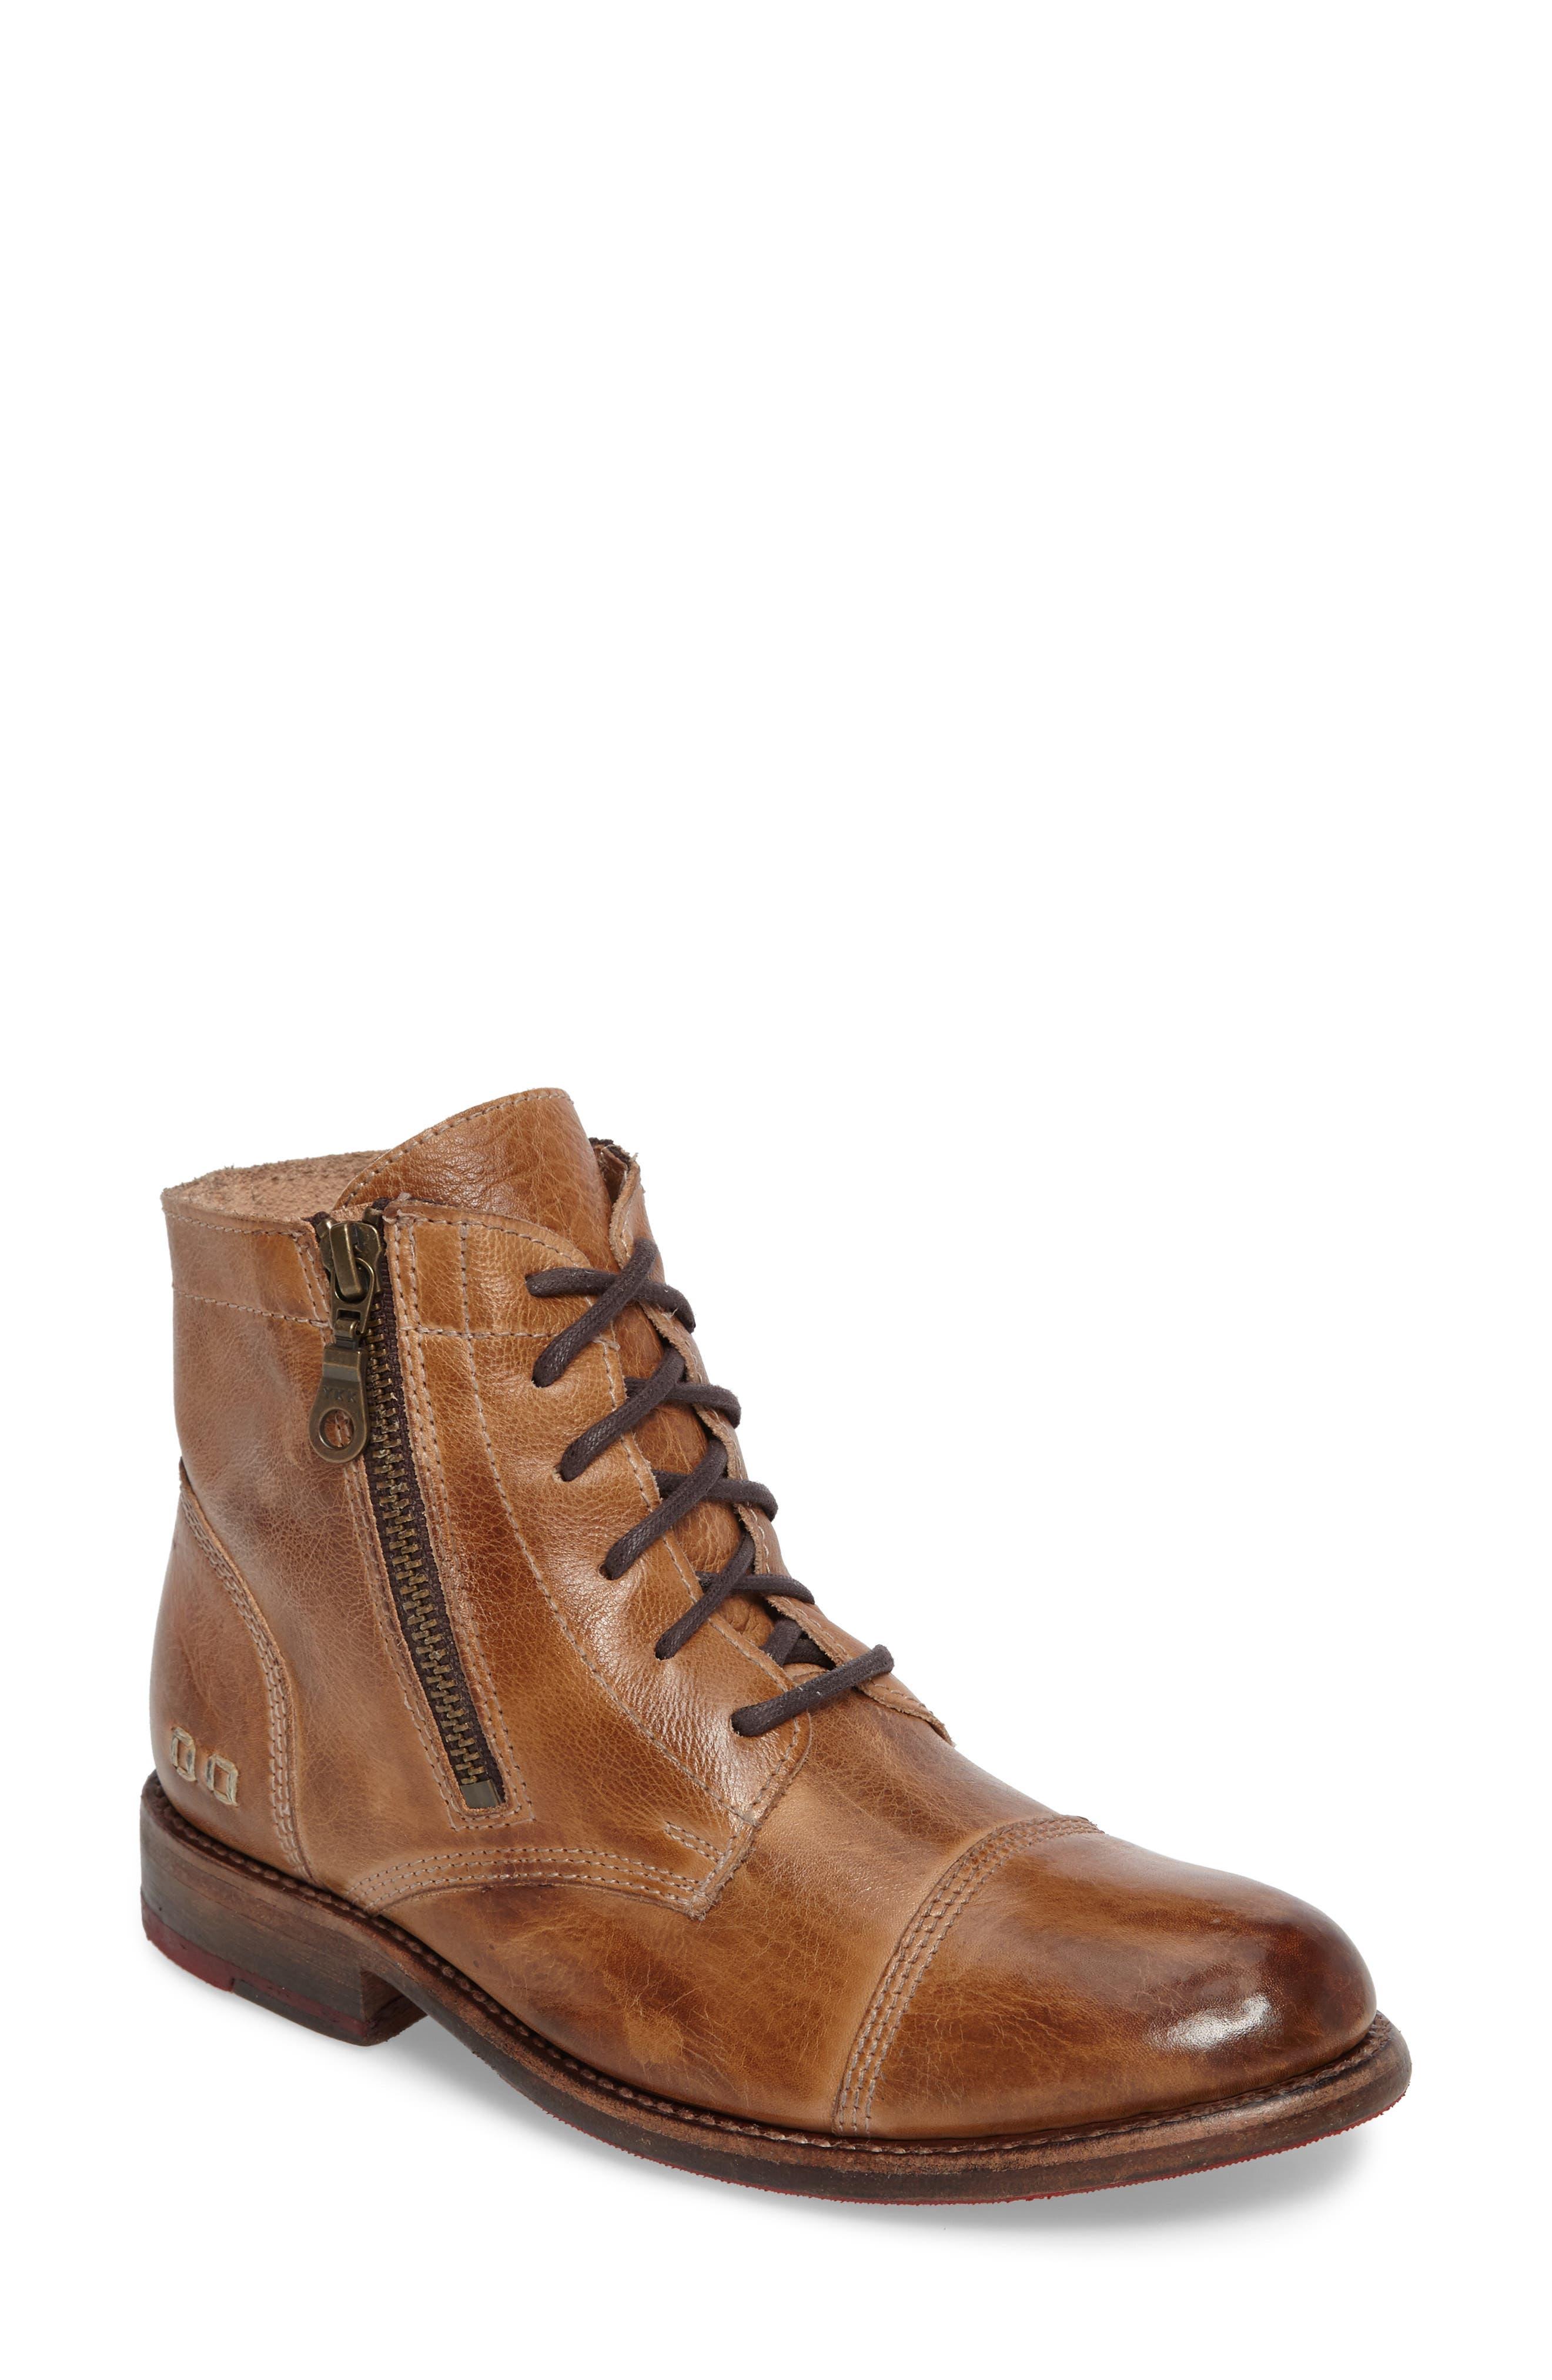 Bed Stu 'Bonnie' Boot